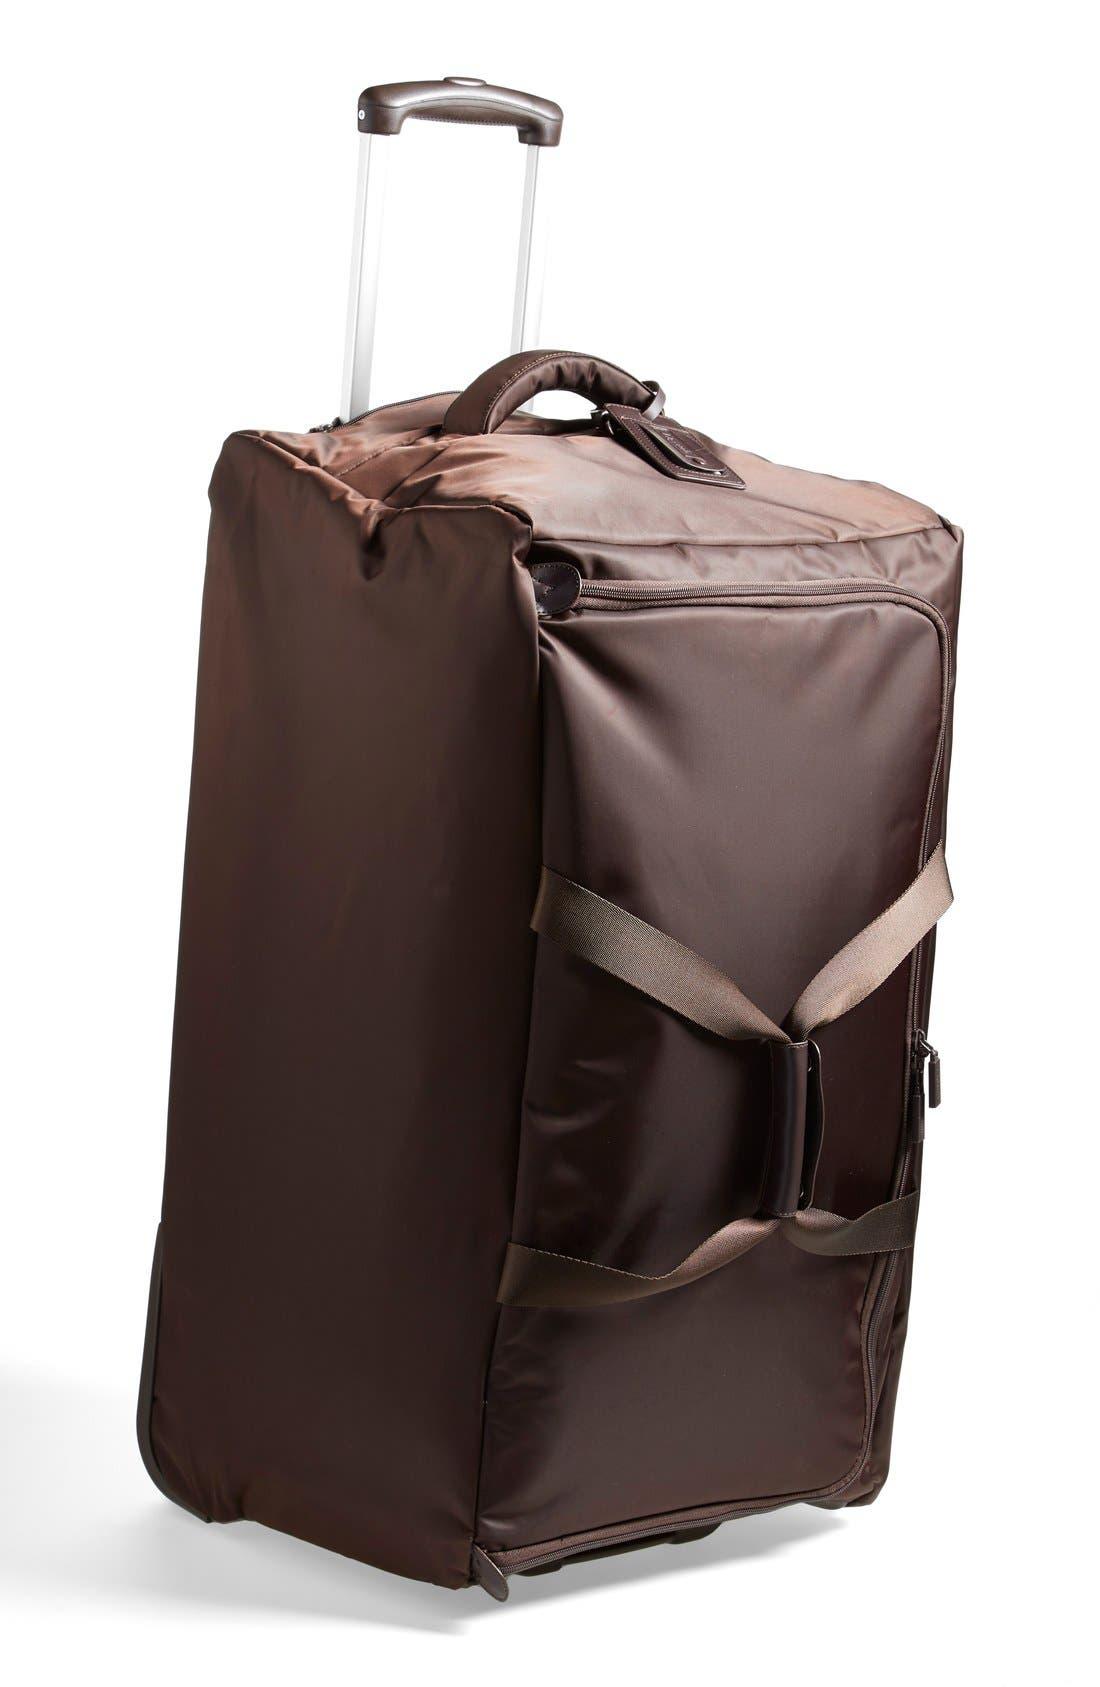 Alternate Image 1 Selected - LIPAULT Paris Foldable Rolling Duffel Bag (30 Inch)